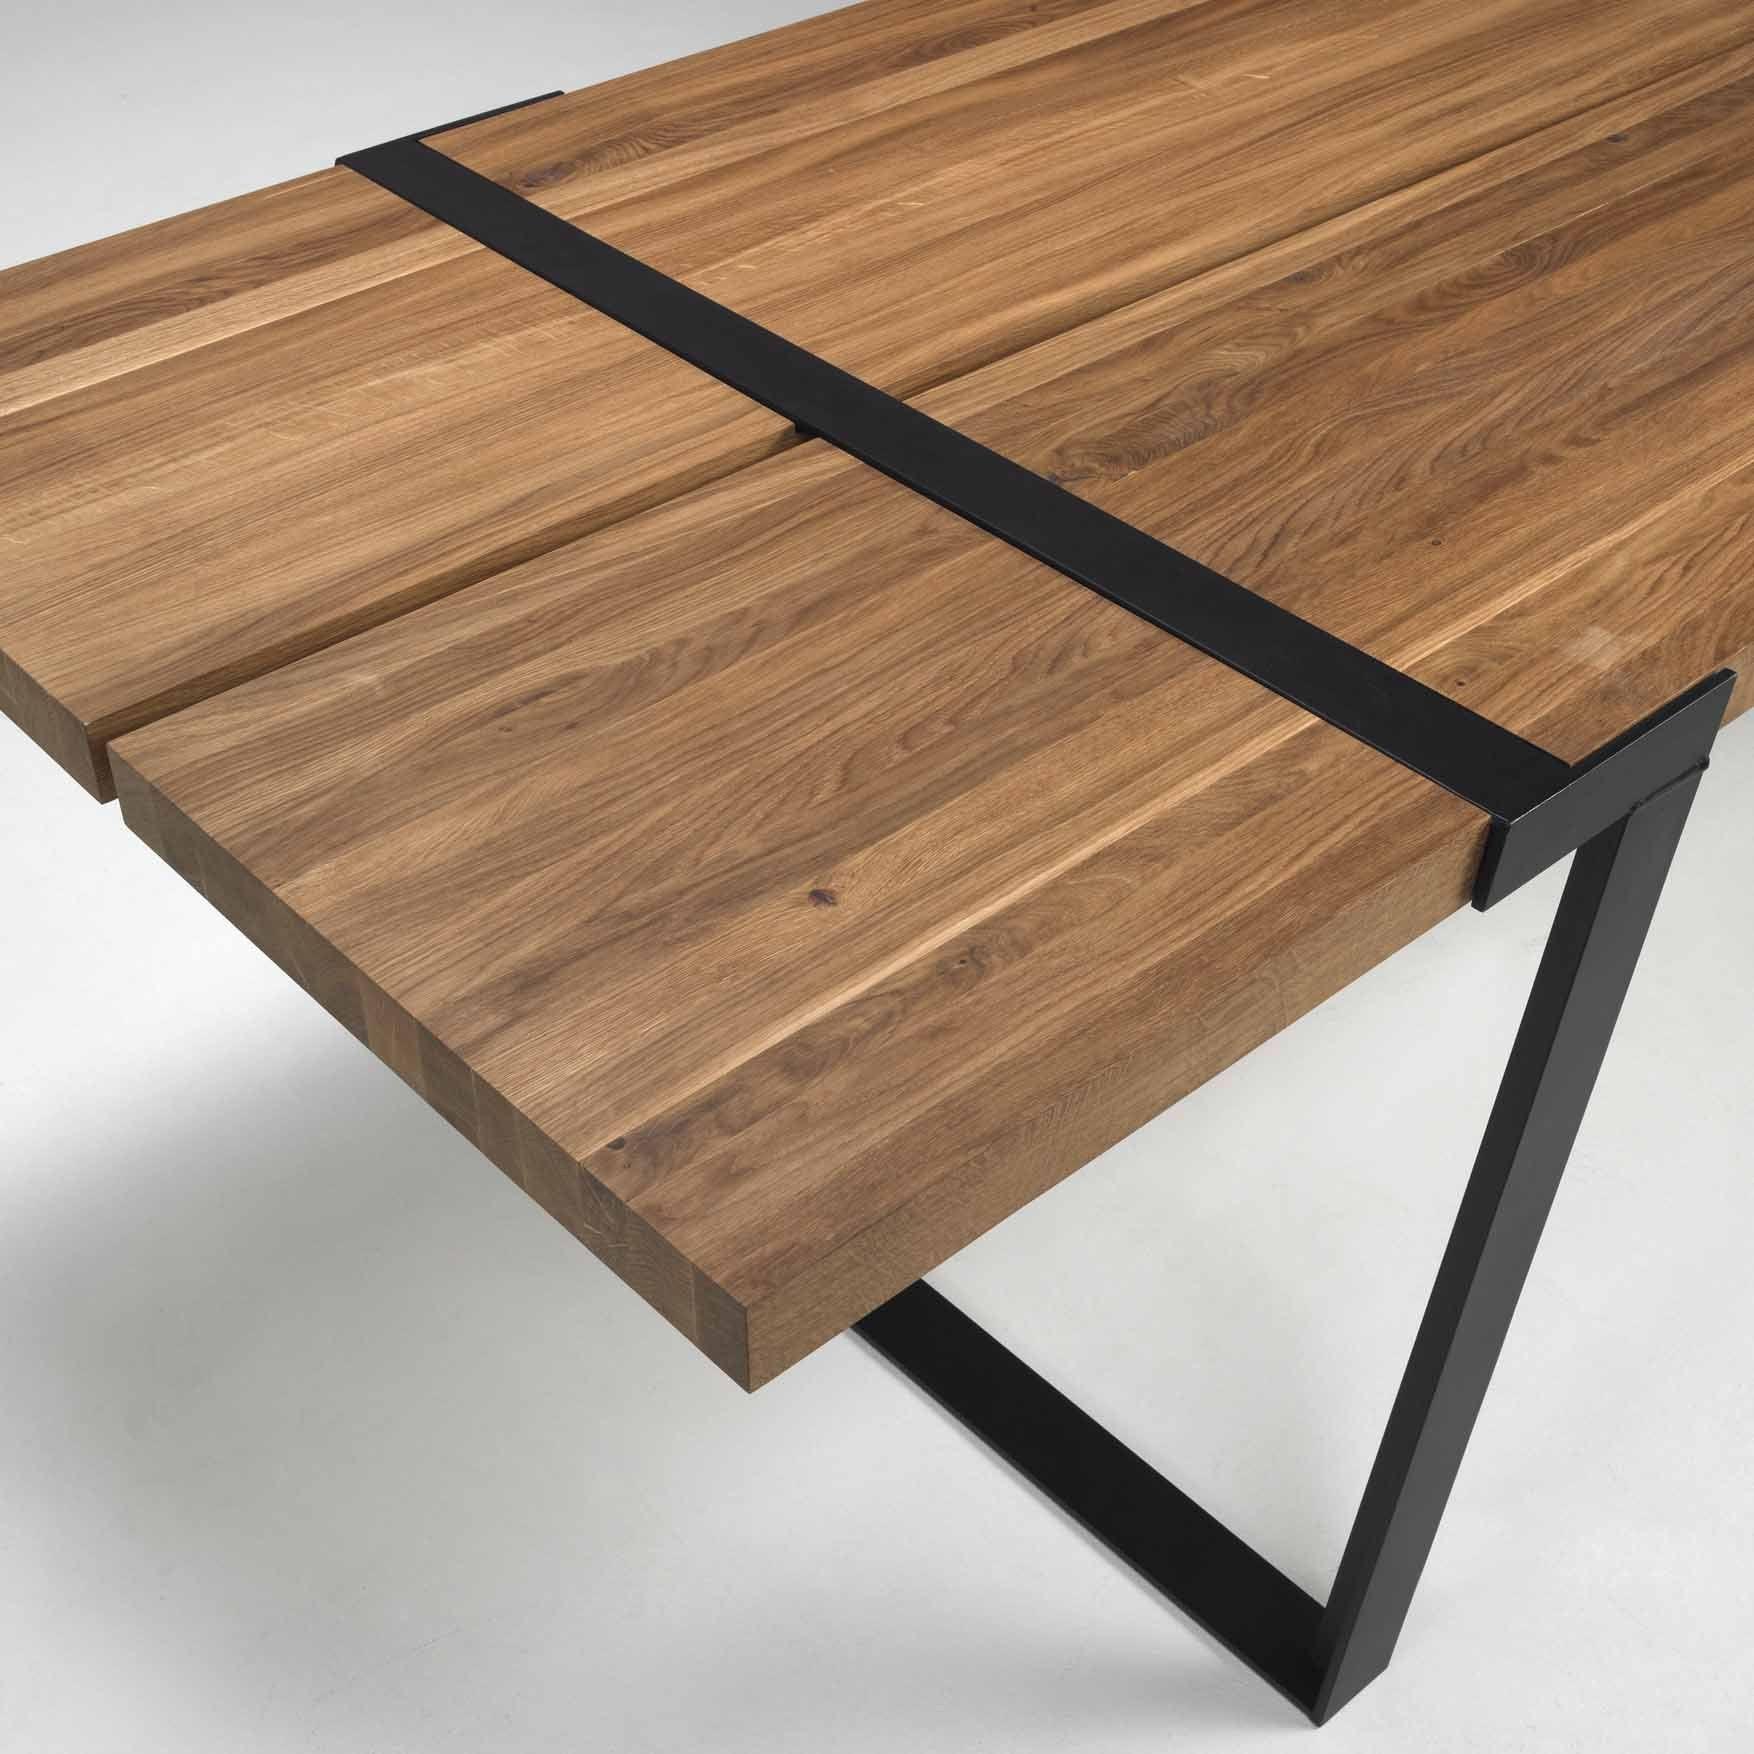 Design Esstisch GIGANT 290x100cm Wildeiche Stahl PickUp